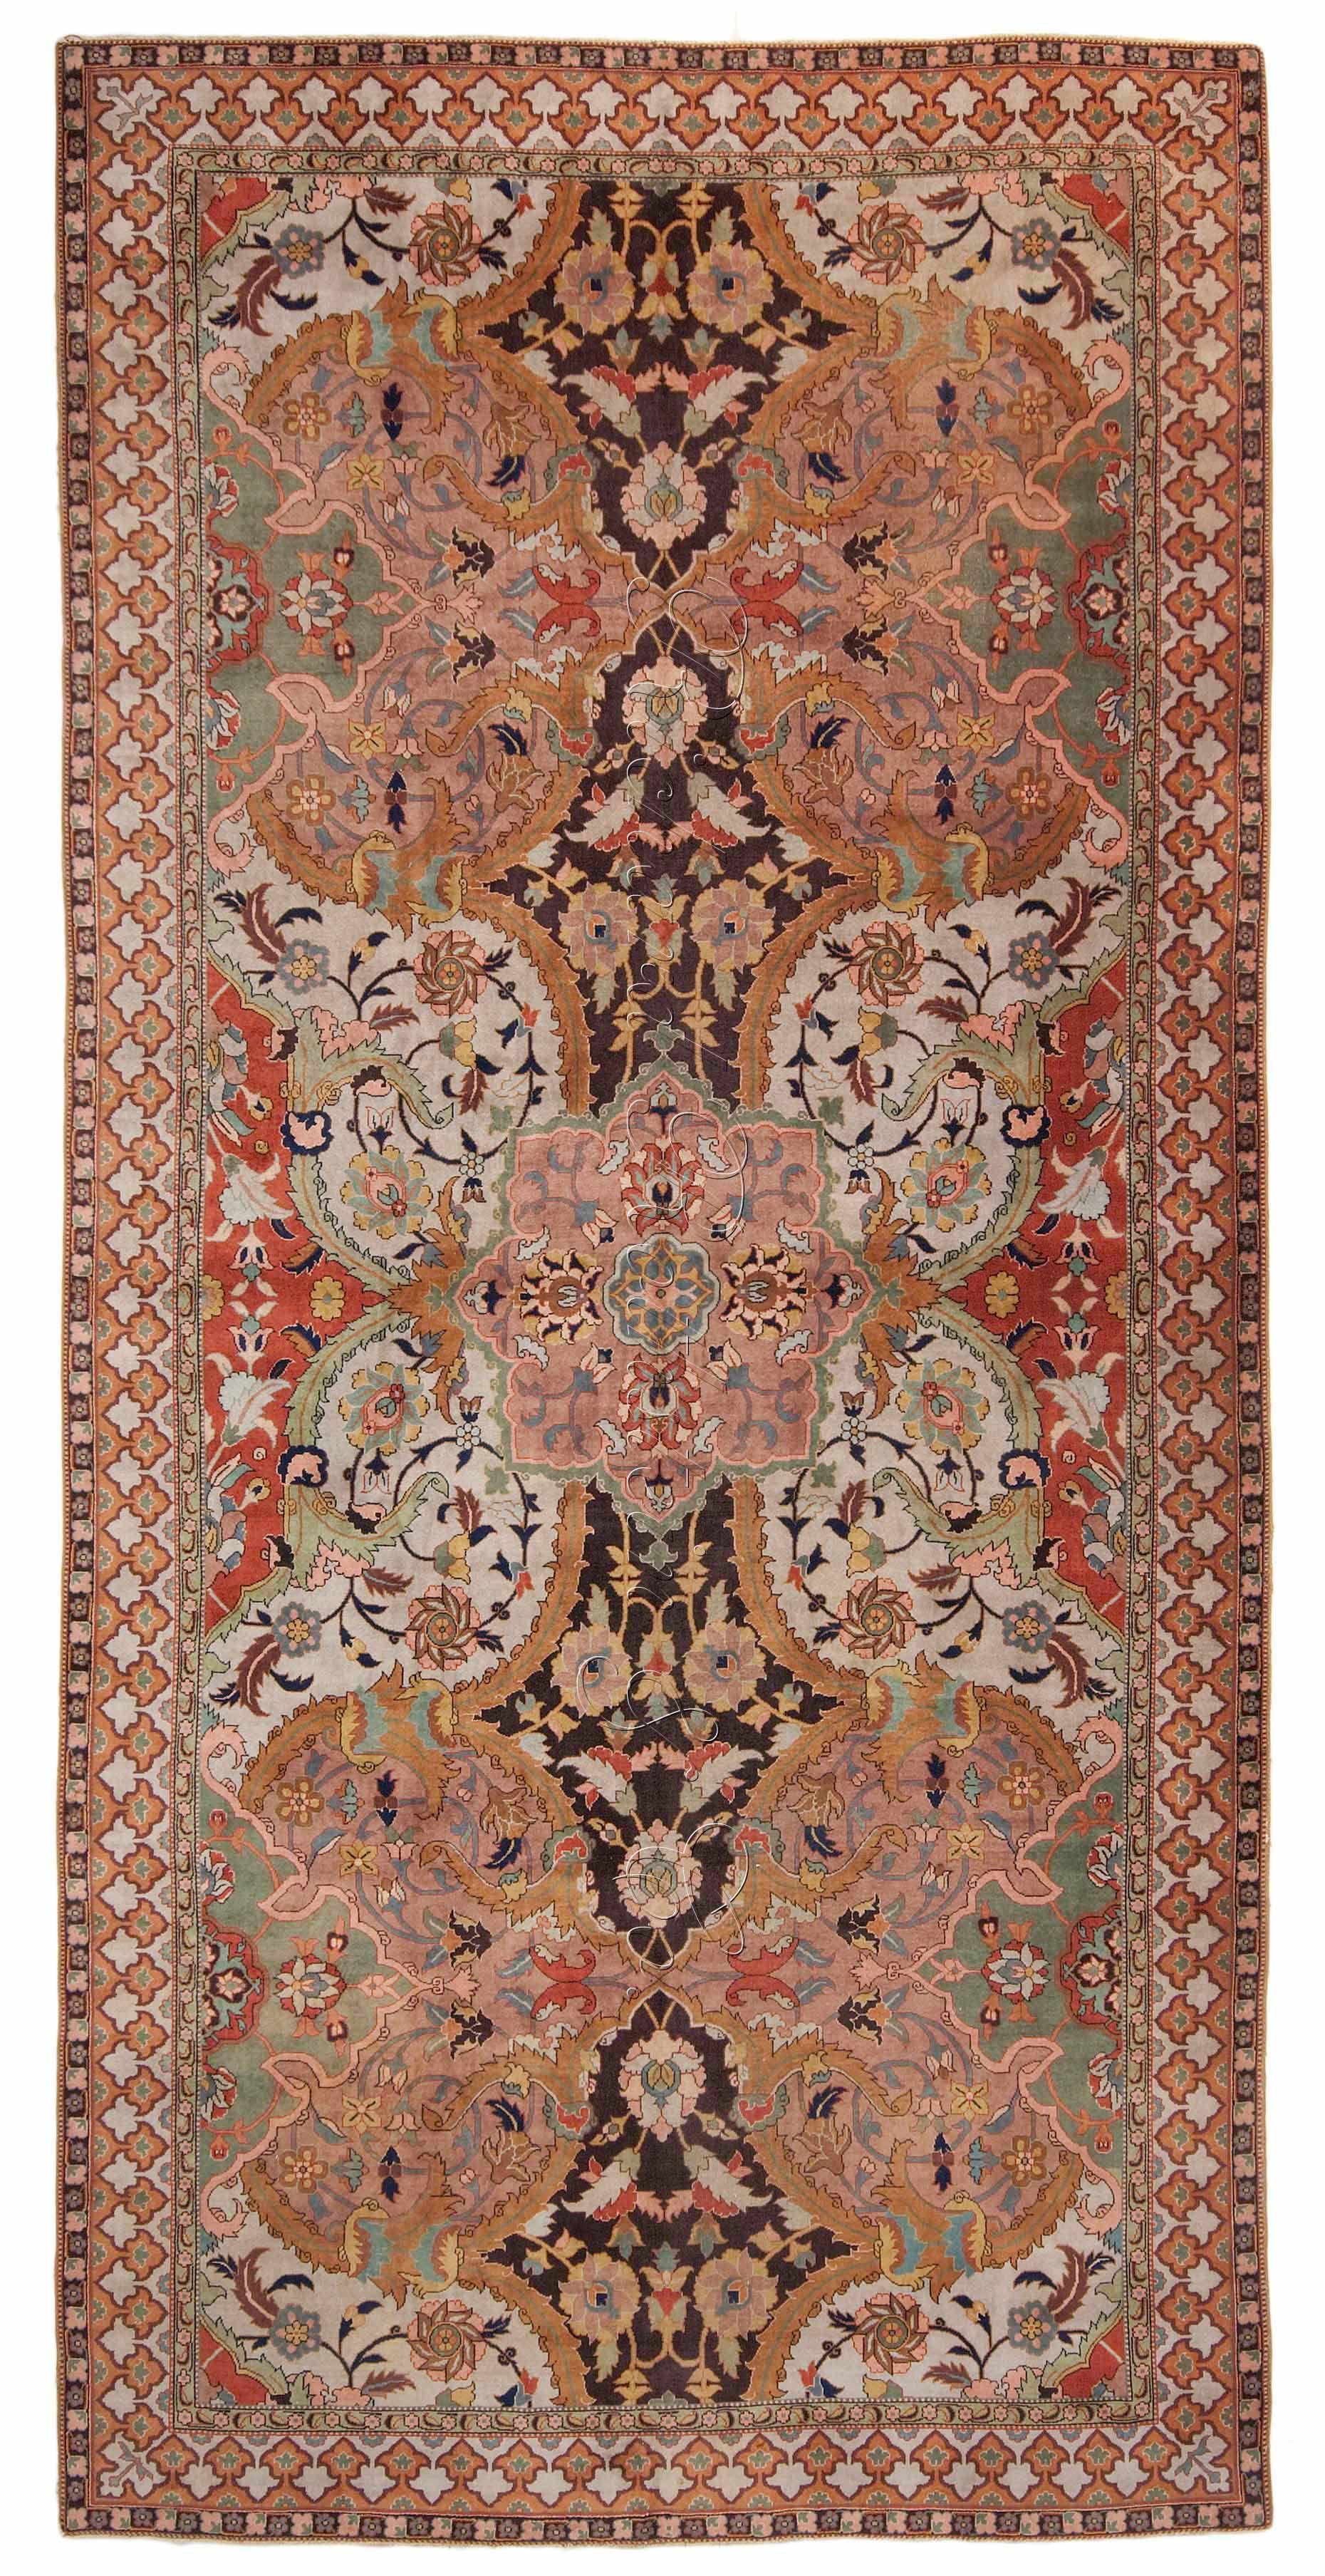 Polonaise antique oriental rugs - Antique Polonaise Oriental Rug Antrr91284